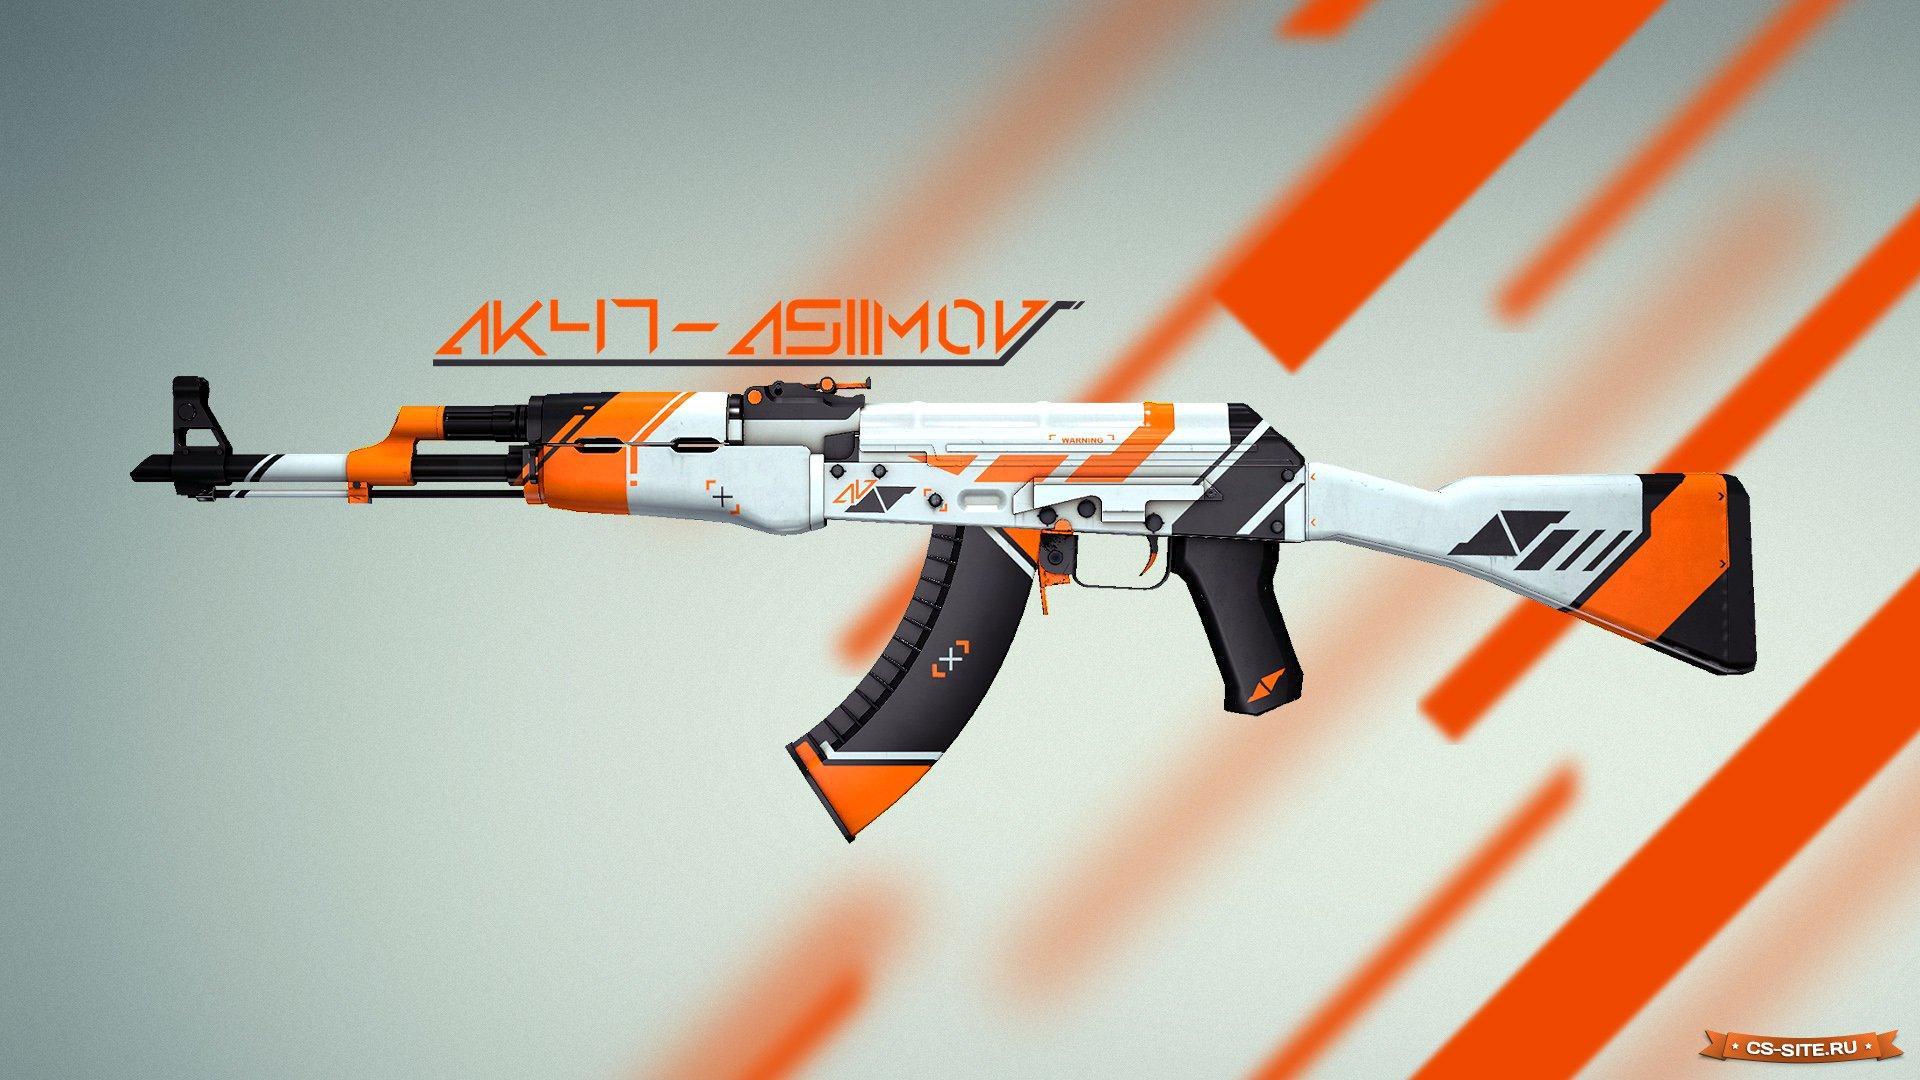 Скачать Модель Ак-47 для Кс 1.6 Азимов